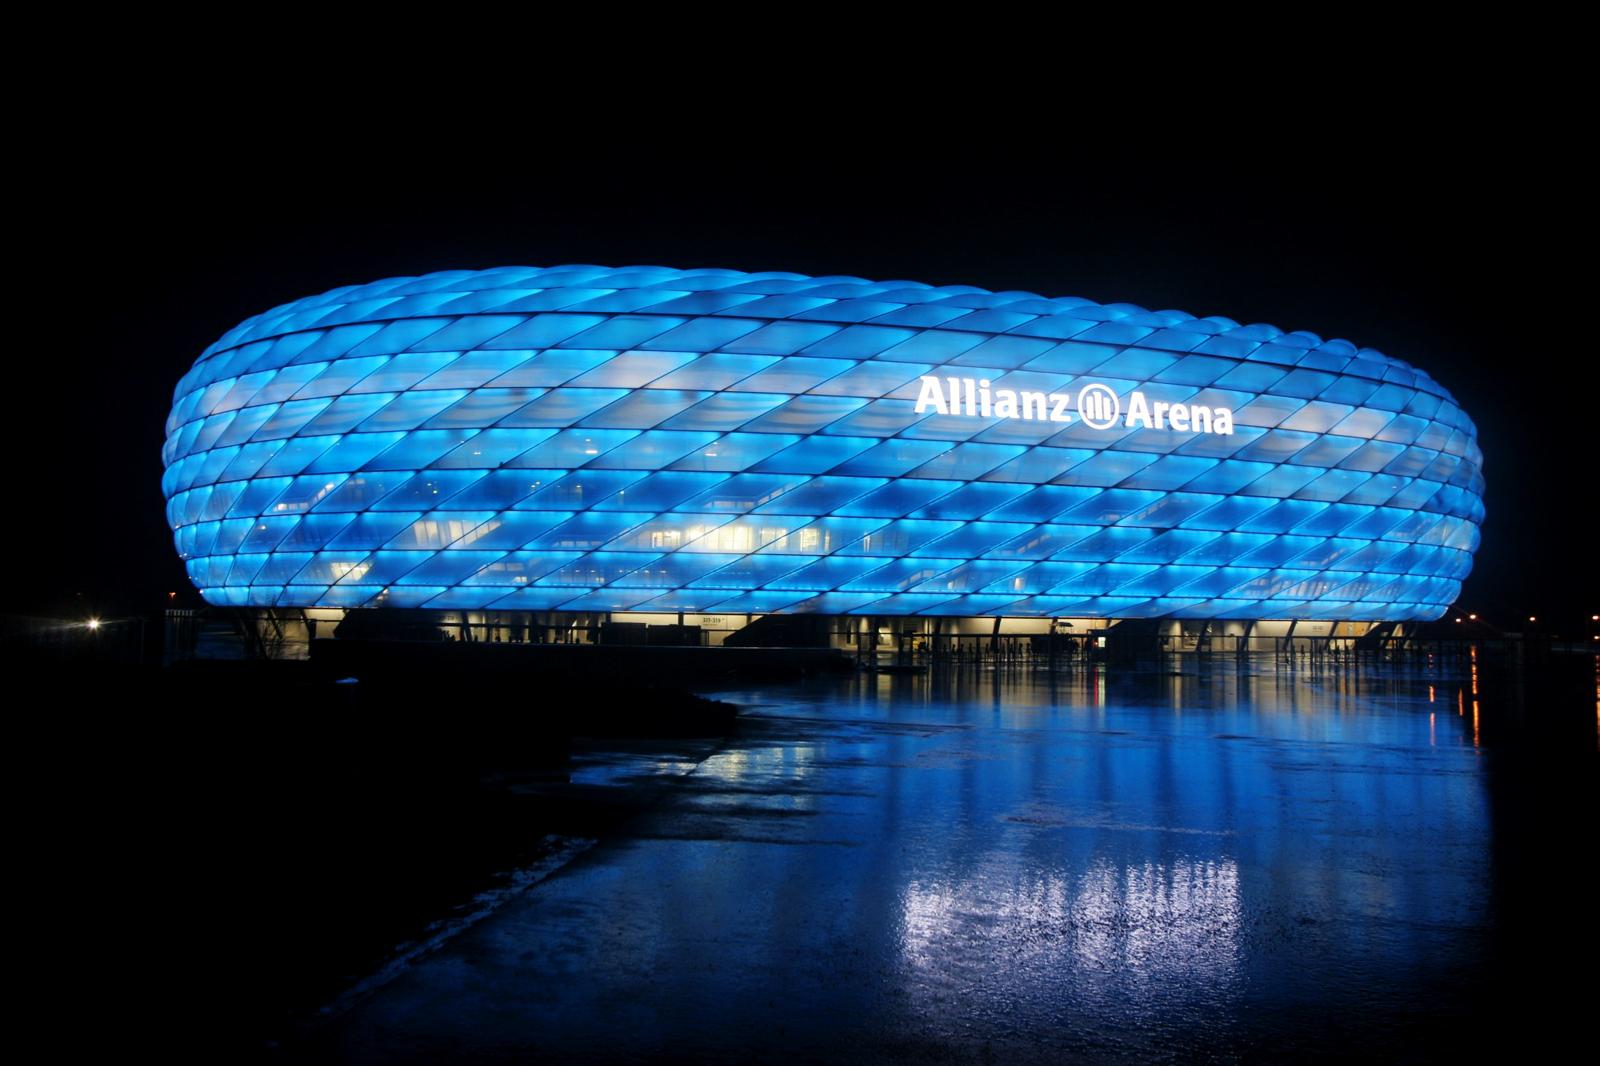 http://4.bp.blogspot.com/-HvQrM5iZFWY/T6UlLgICAdI/AAAAAAAABjQ/TSxHBwljRgM/s1600/Bayern_Munich_Alianz_Arena_Stadium_HD_Wallpaper-Vvallpaper.Net.jpg